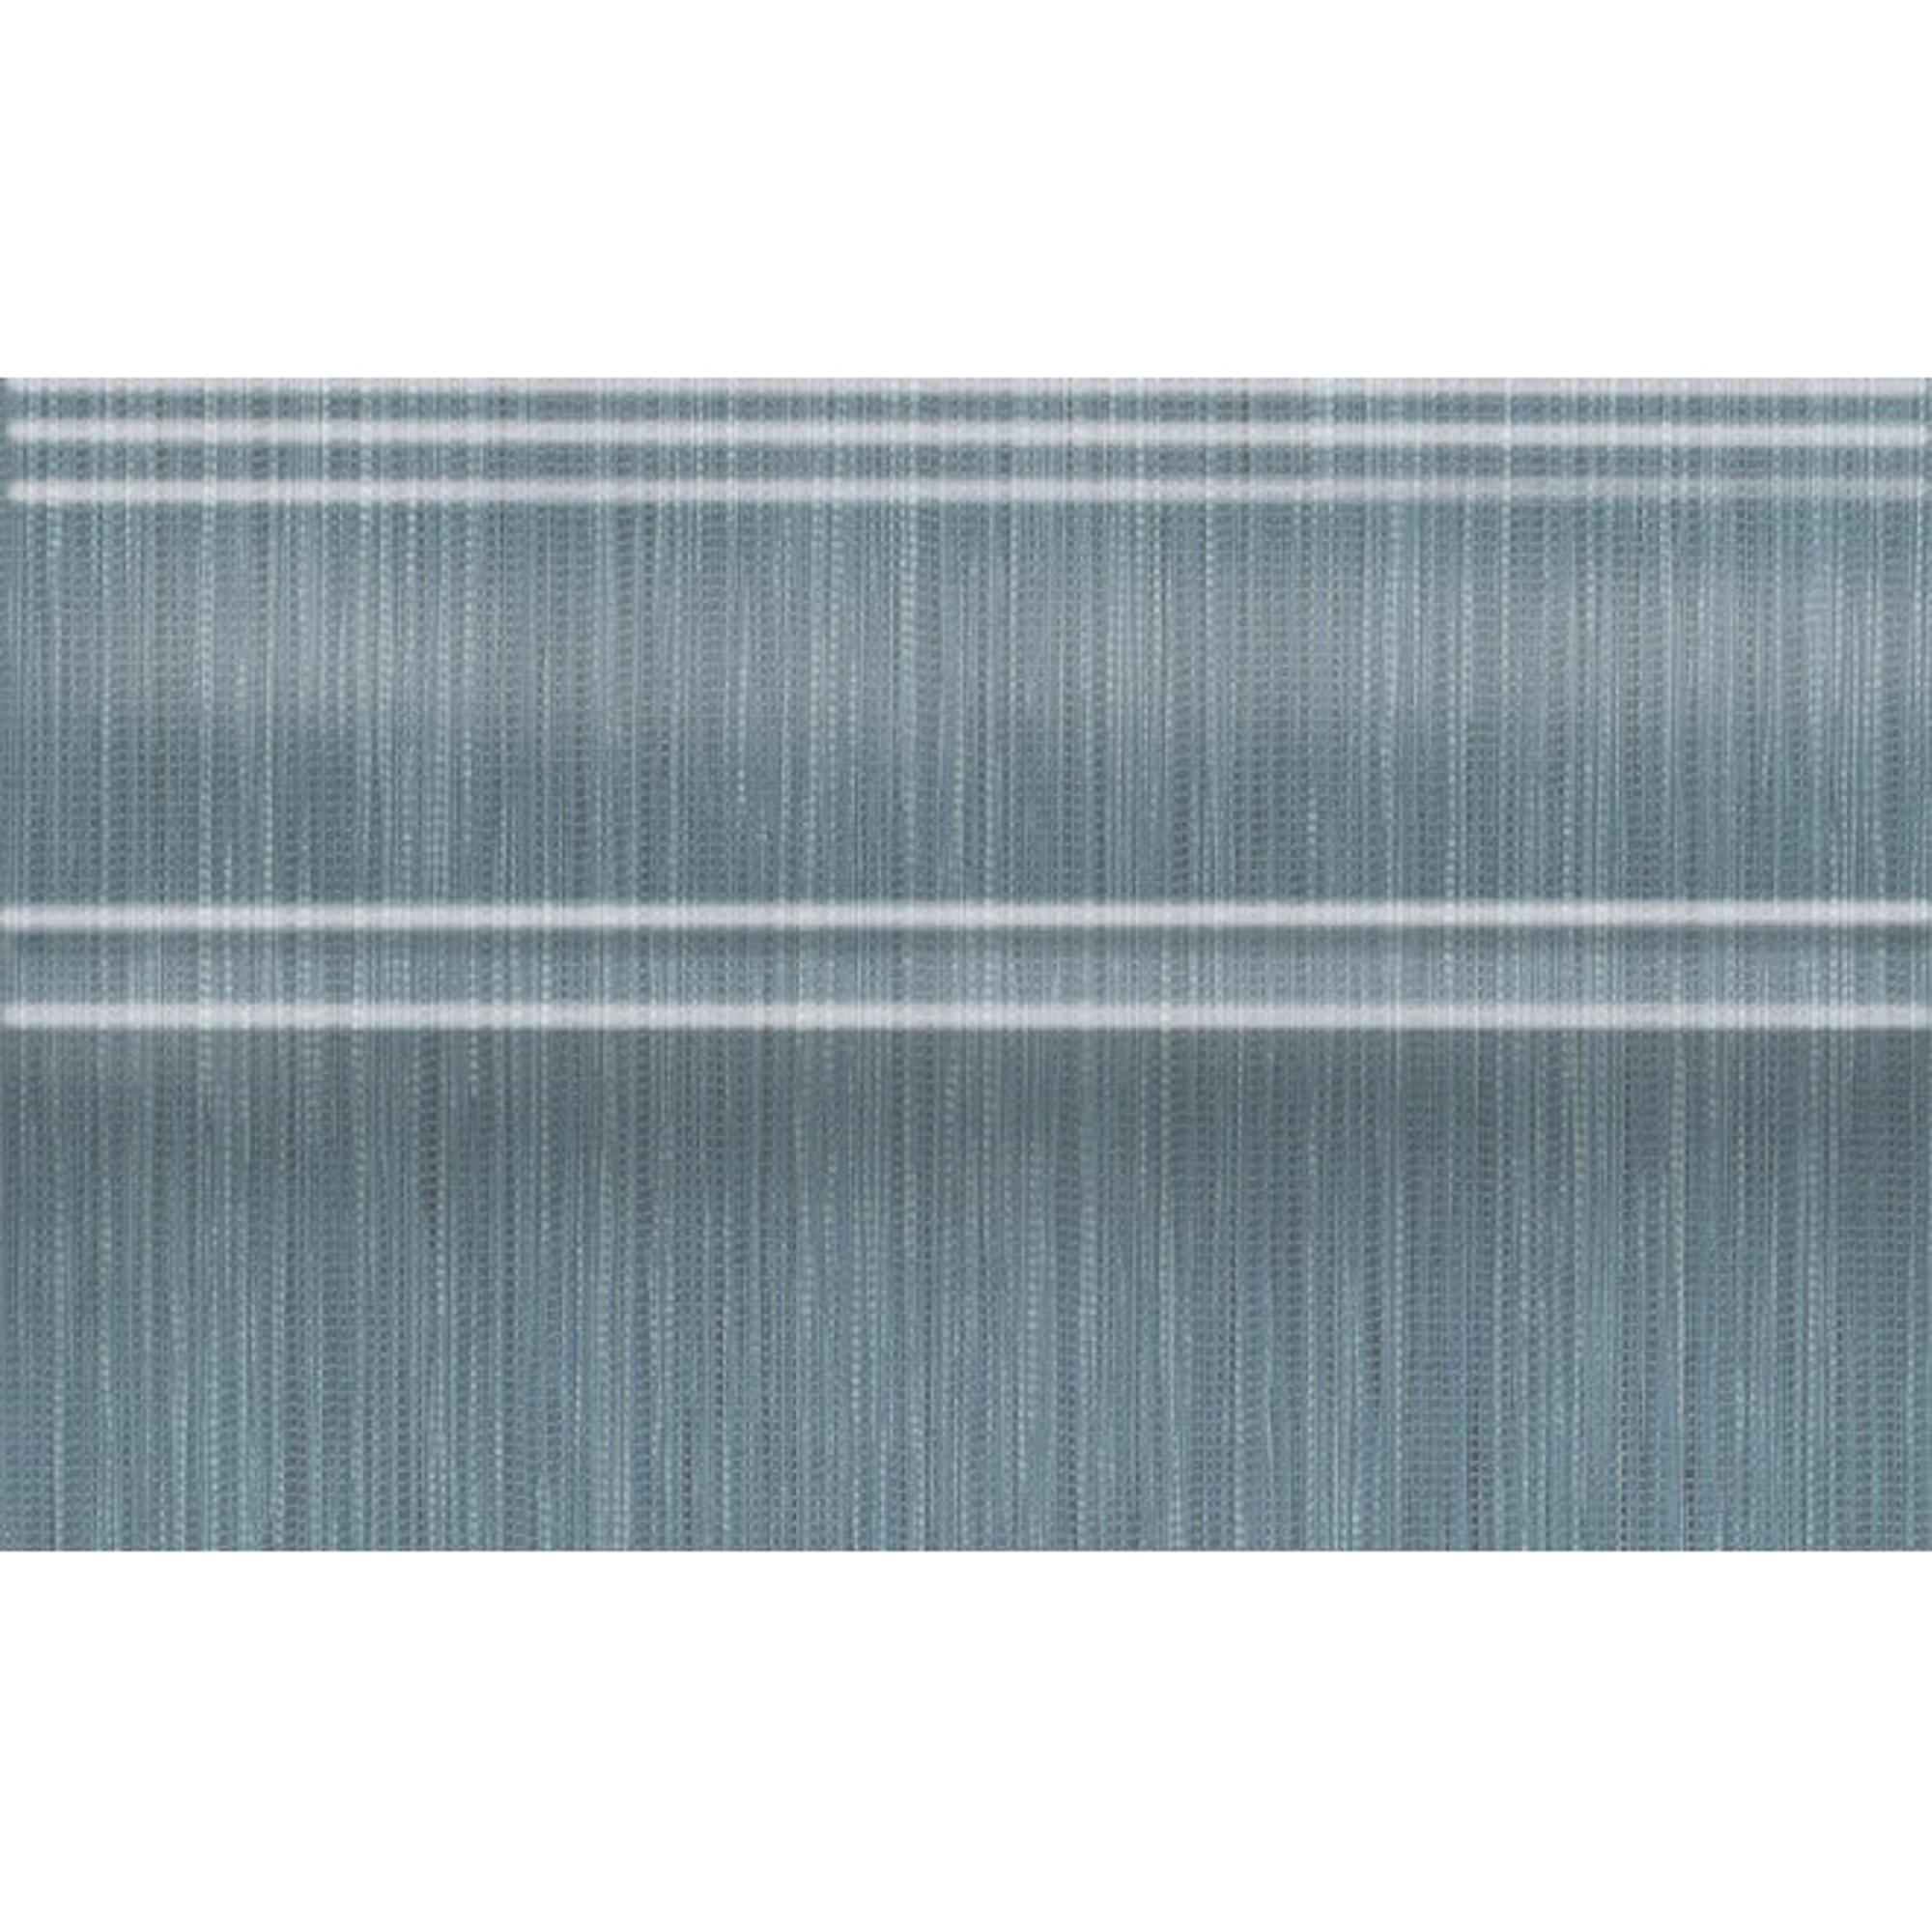 Бордюр Kerama Marazzi Пальмовый лес синий 25x15 см FMB018 недорого